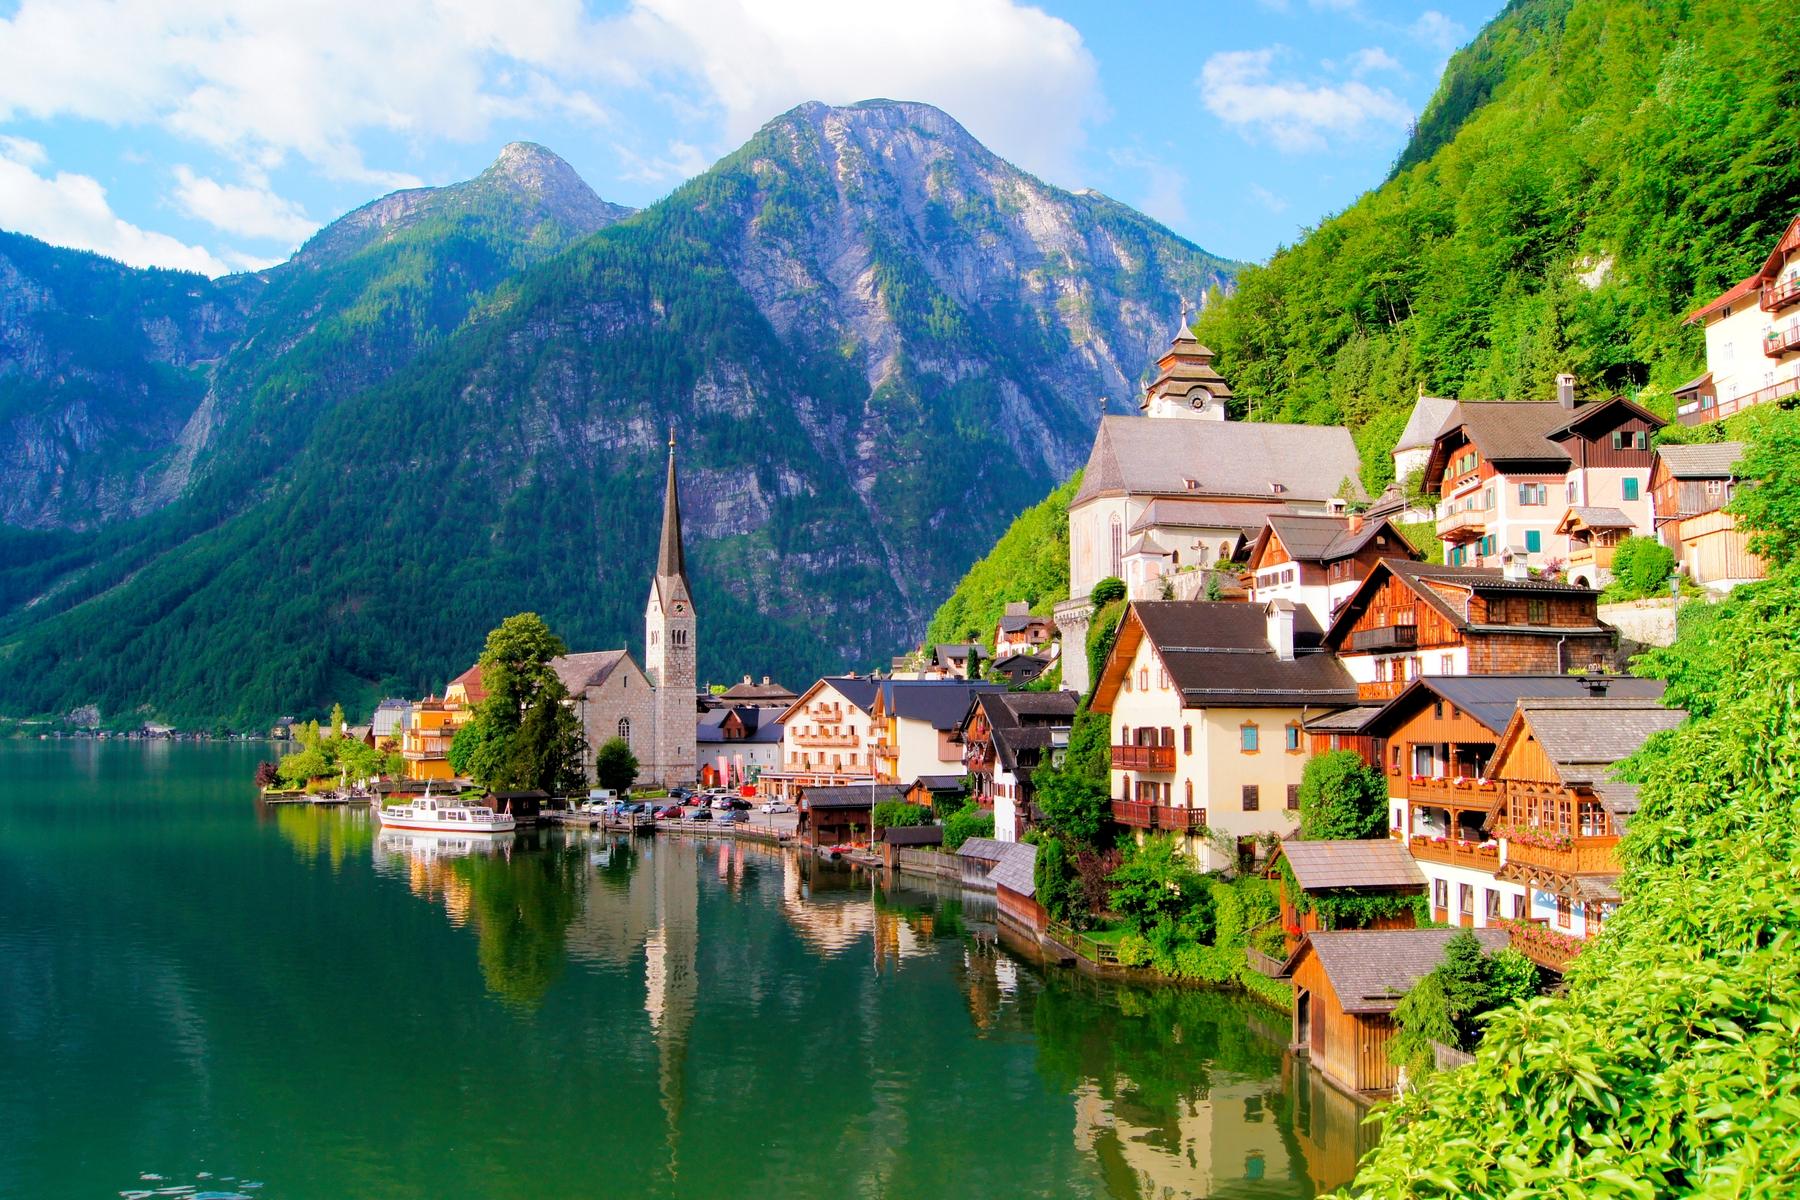 Die 10 schönsten Seen Österreichs: Hallstätter See